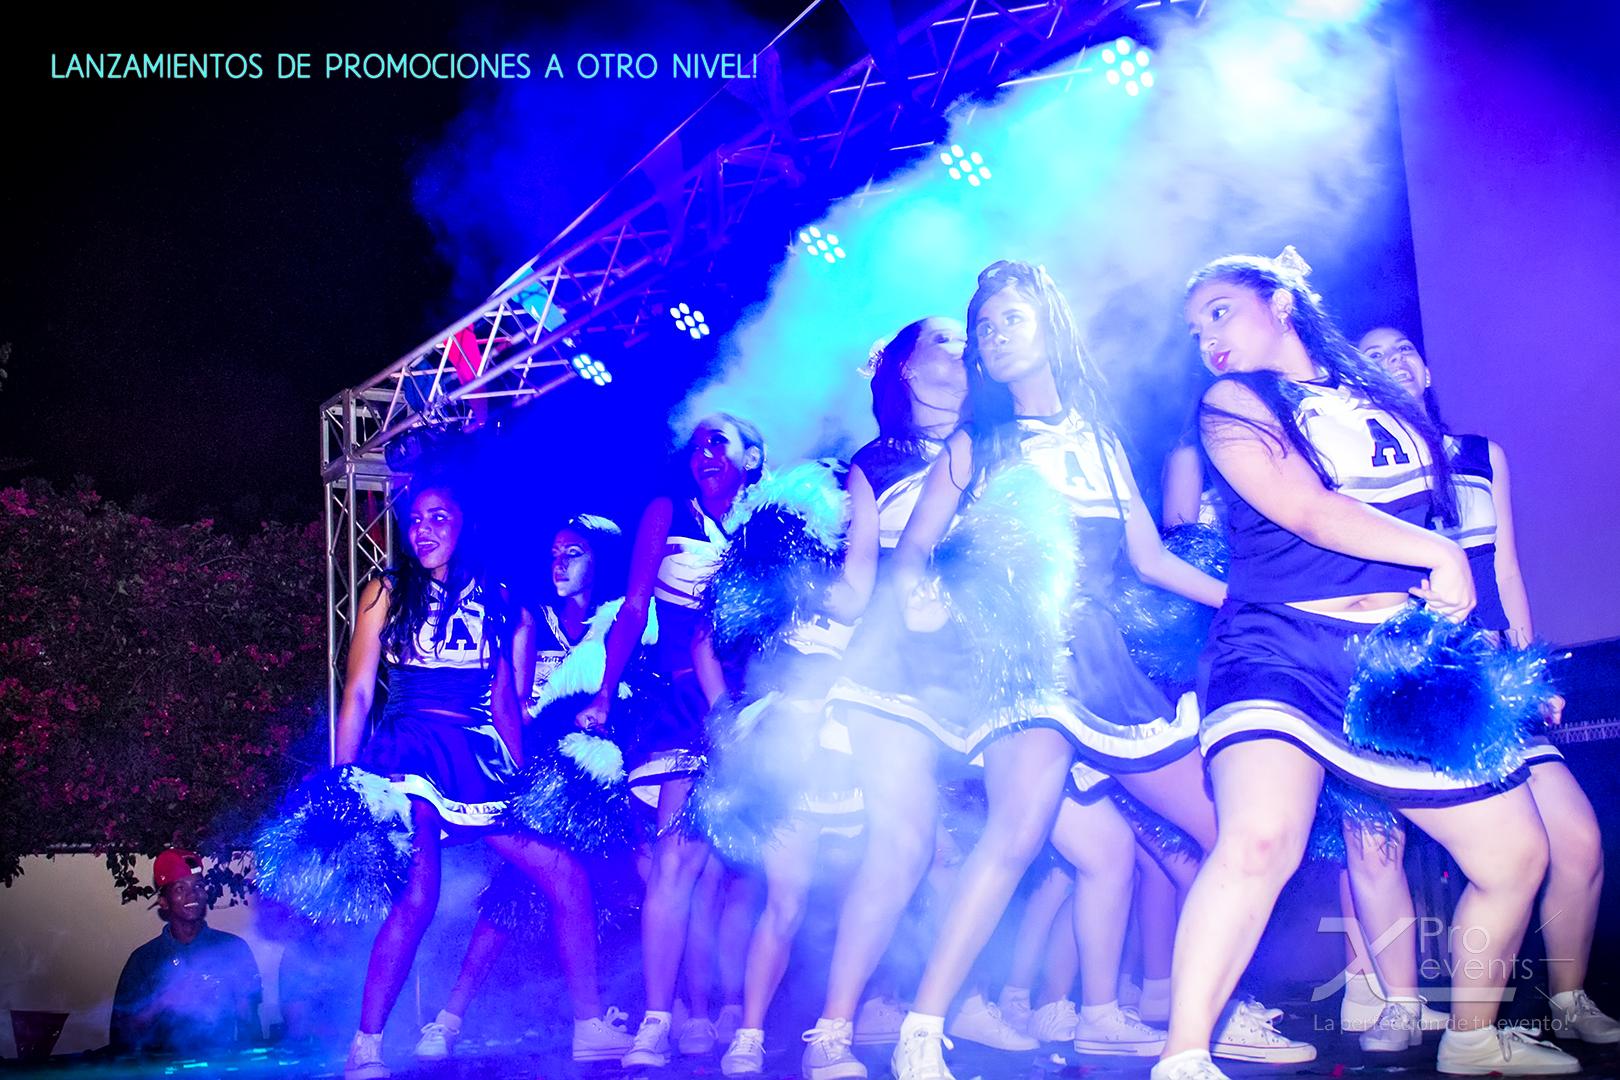 www.Xproevents.com - Lanzamientos a otro nivel